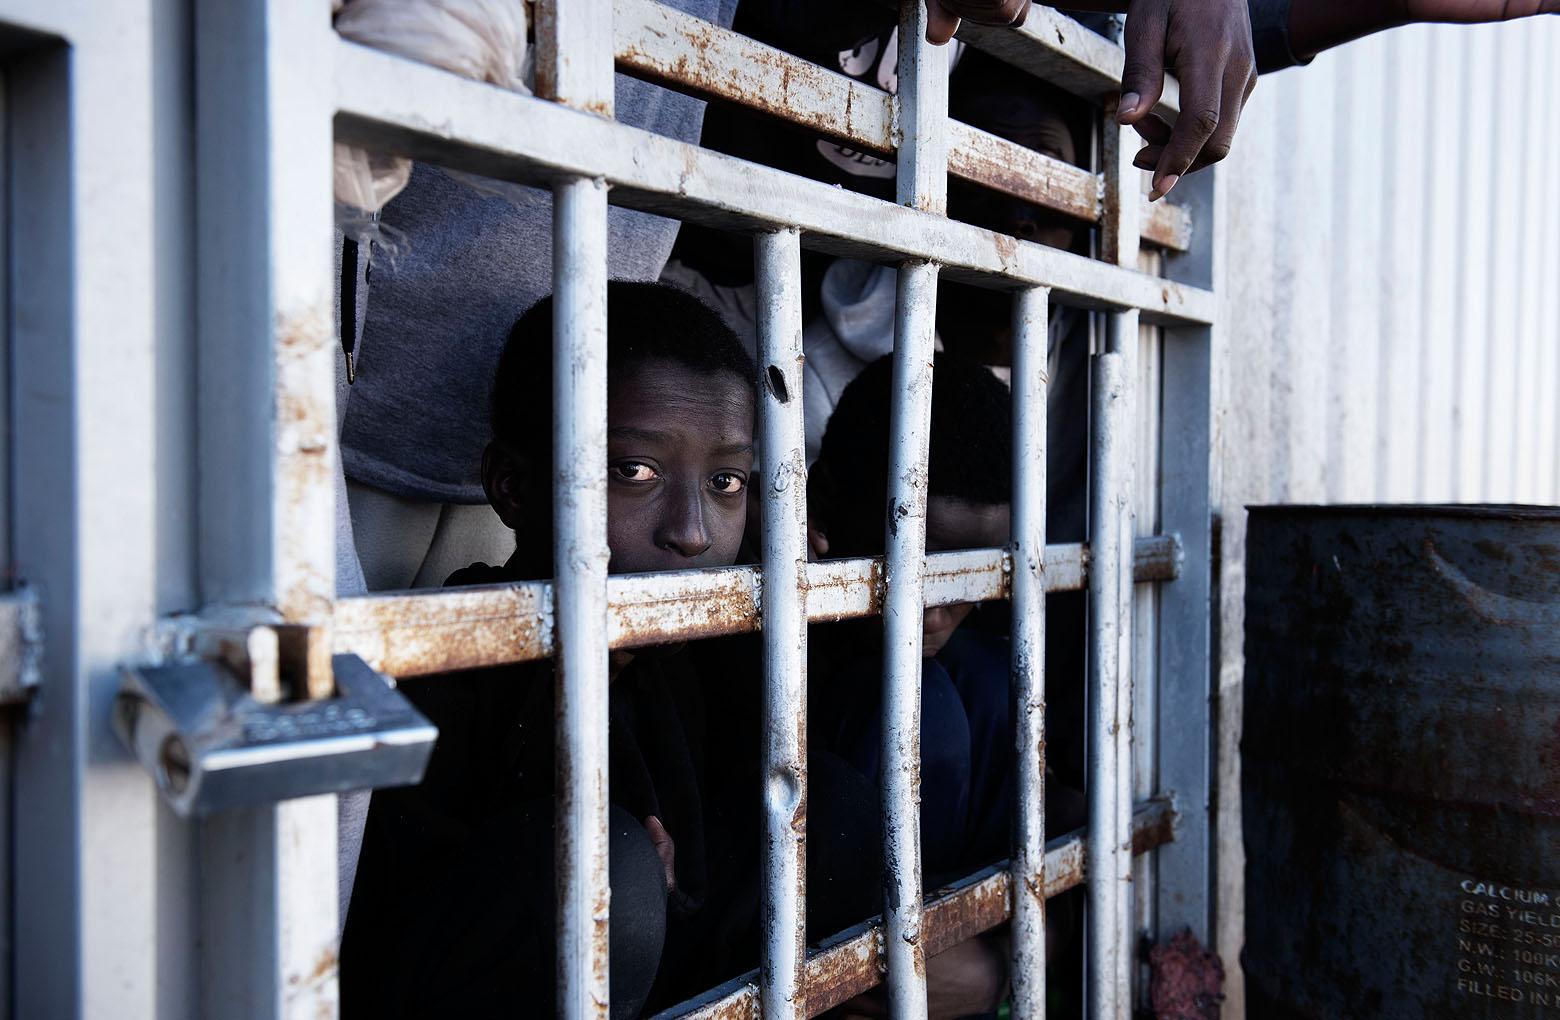 O relatório da UNICEF contabilizou 256 mil migrantes na Líbia, entre os quais estavam 23.102 crianças. Um terço não estavam acompanhadas.